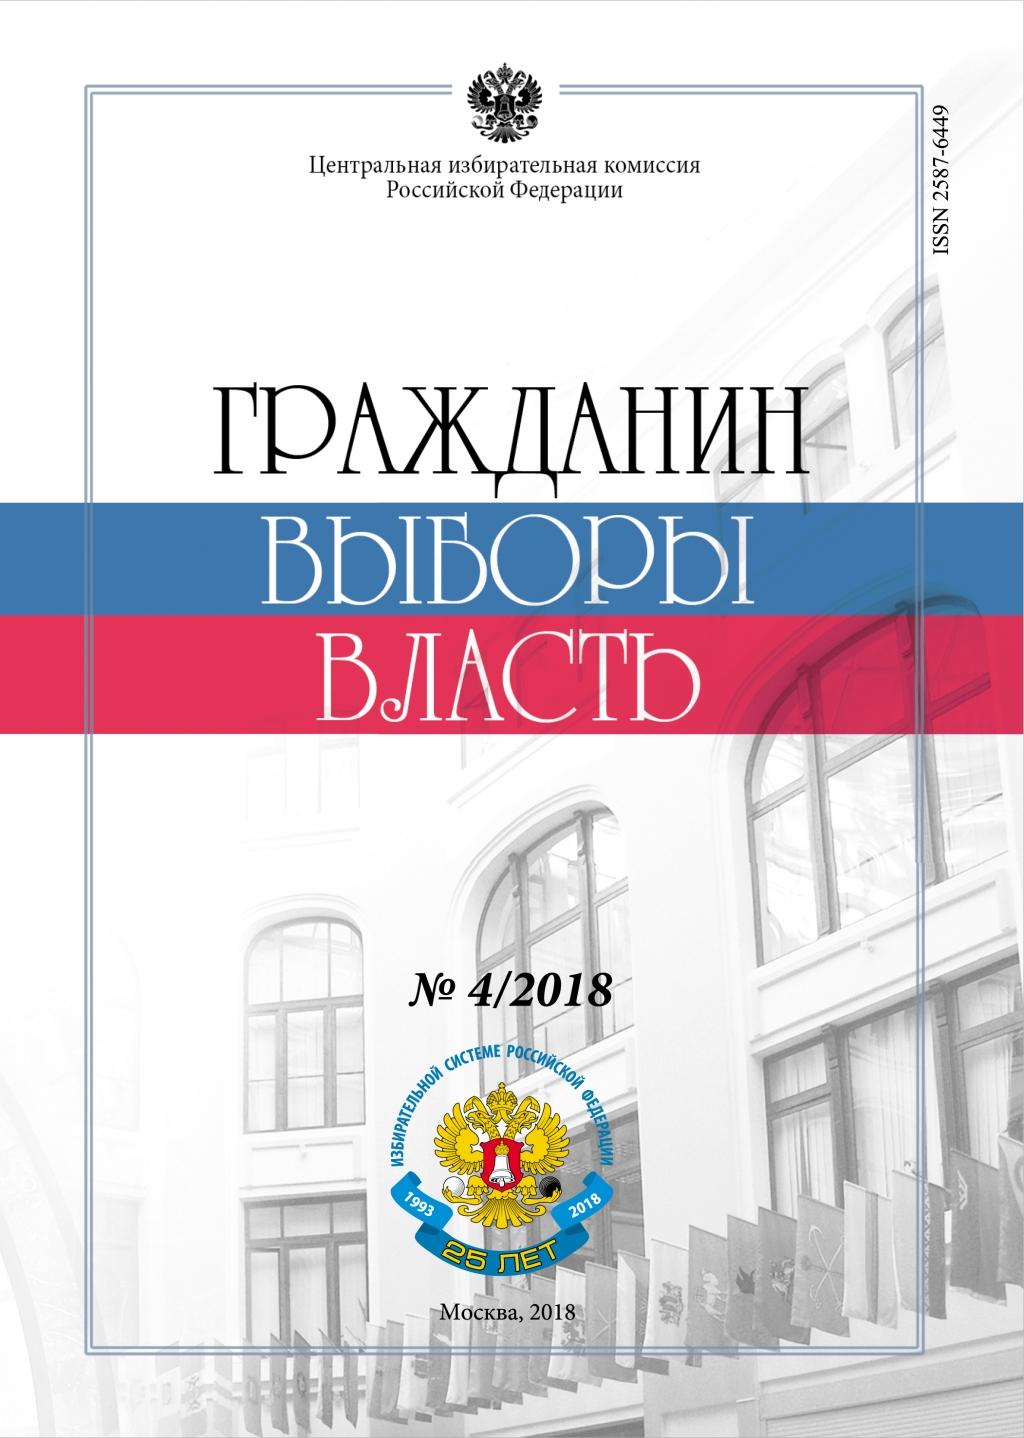 «Гражданин. Выборы. Власть» 2018 № 4